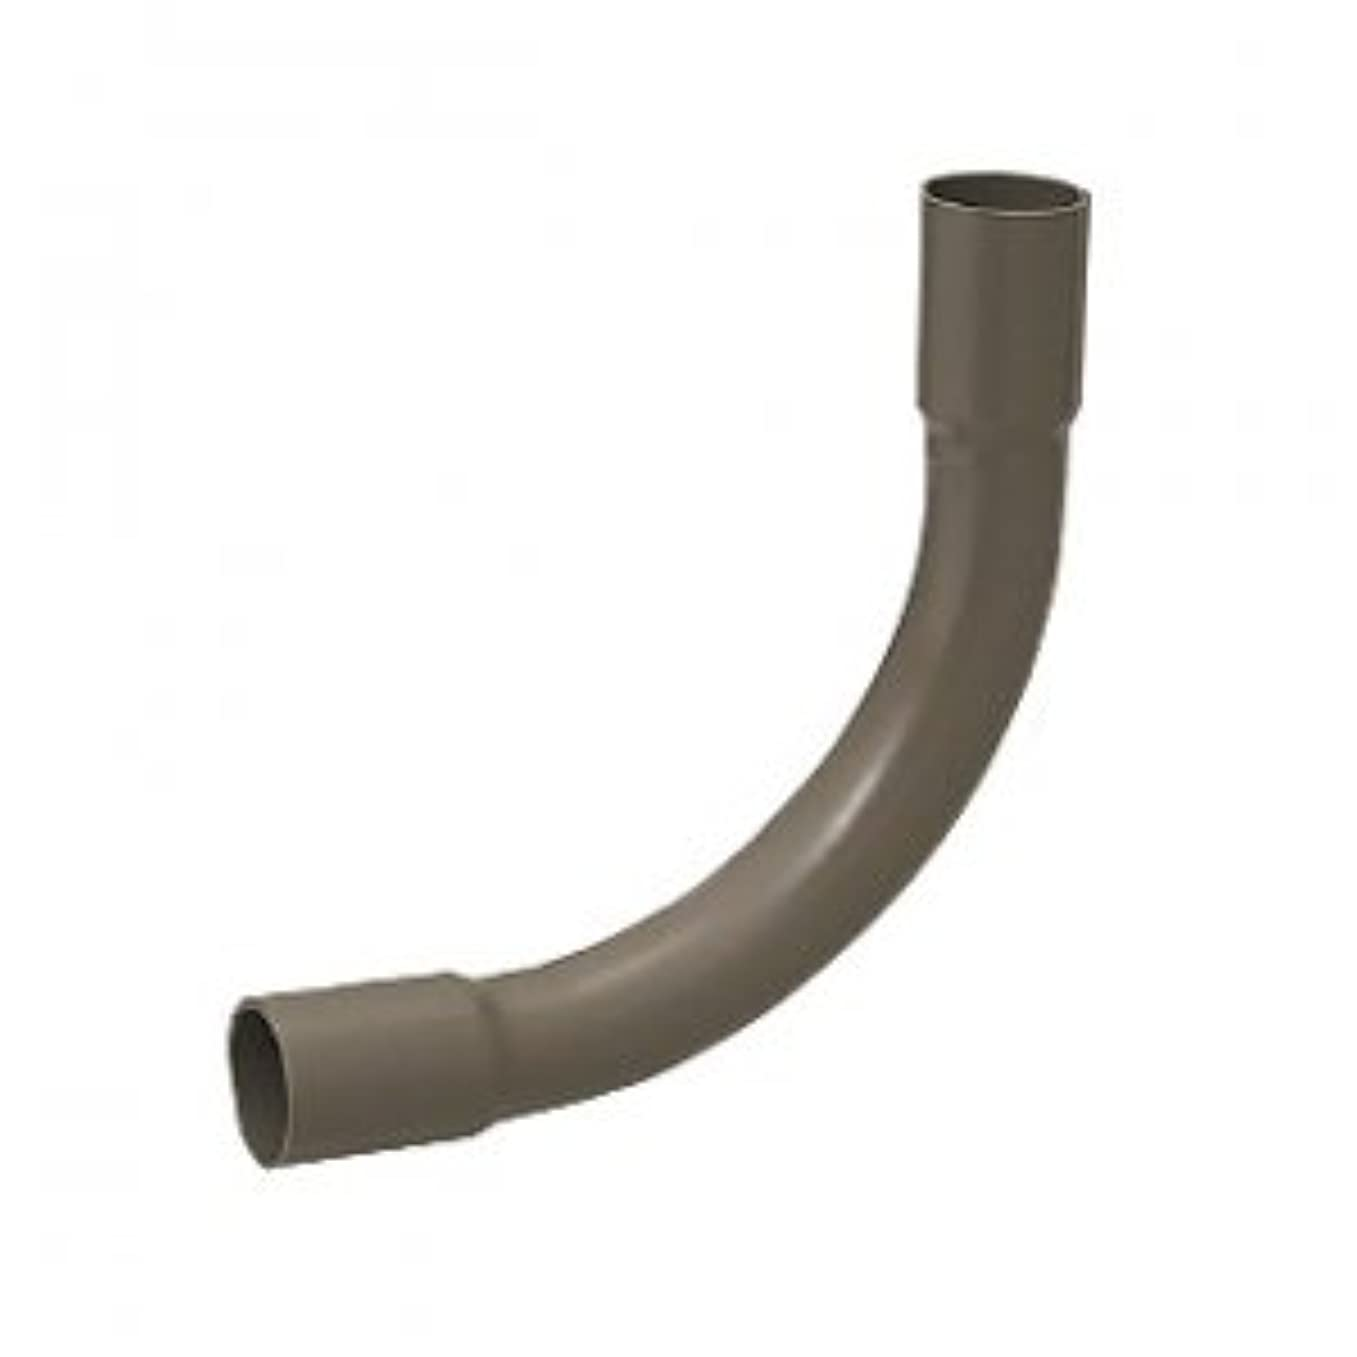 パートナーの量置換未来工業 ノーマルベンド 適合管:VE16 ブラック N-16K